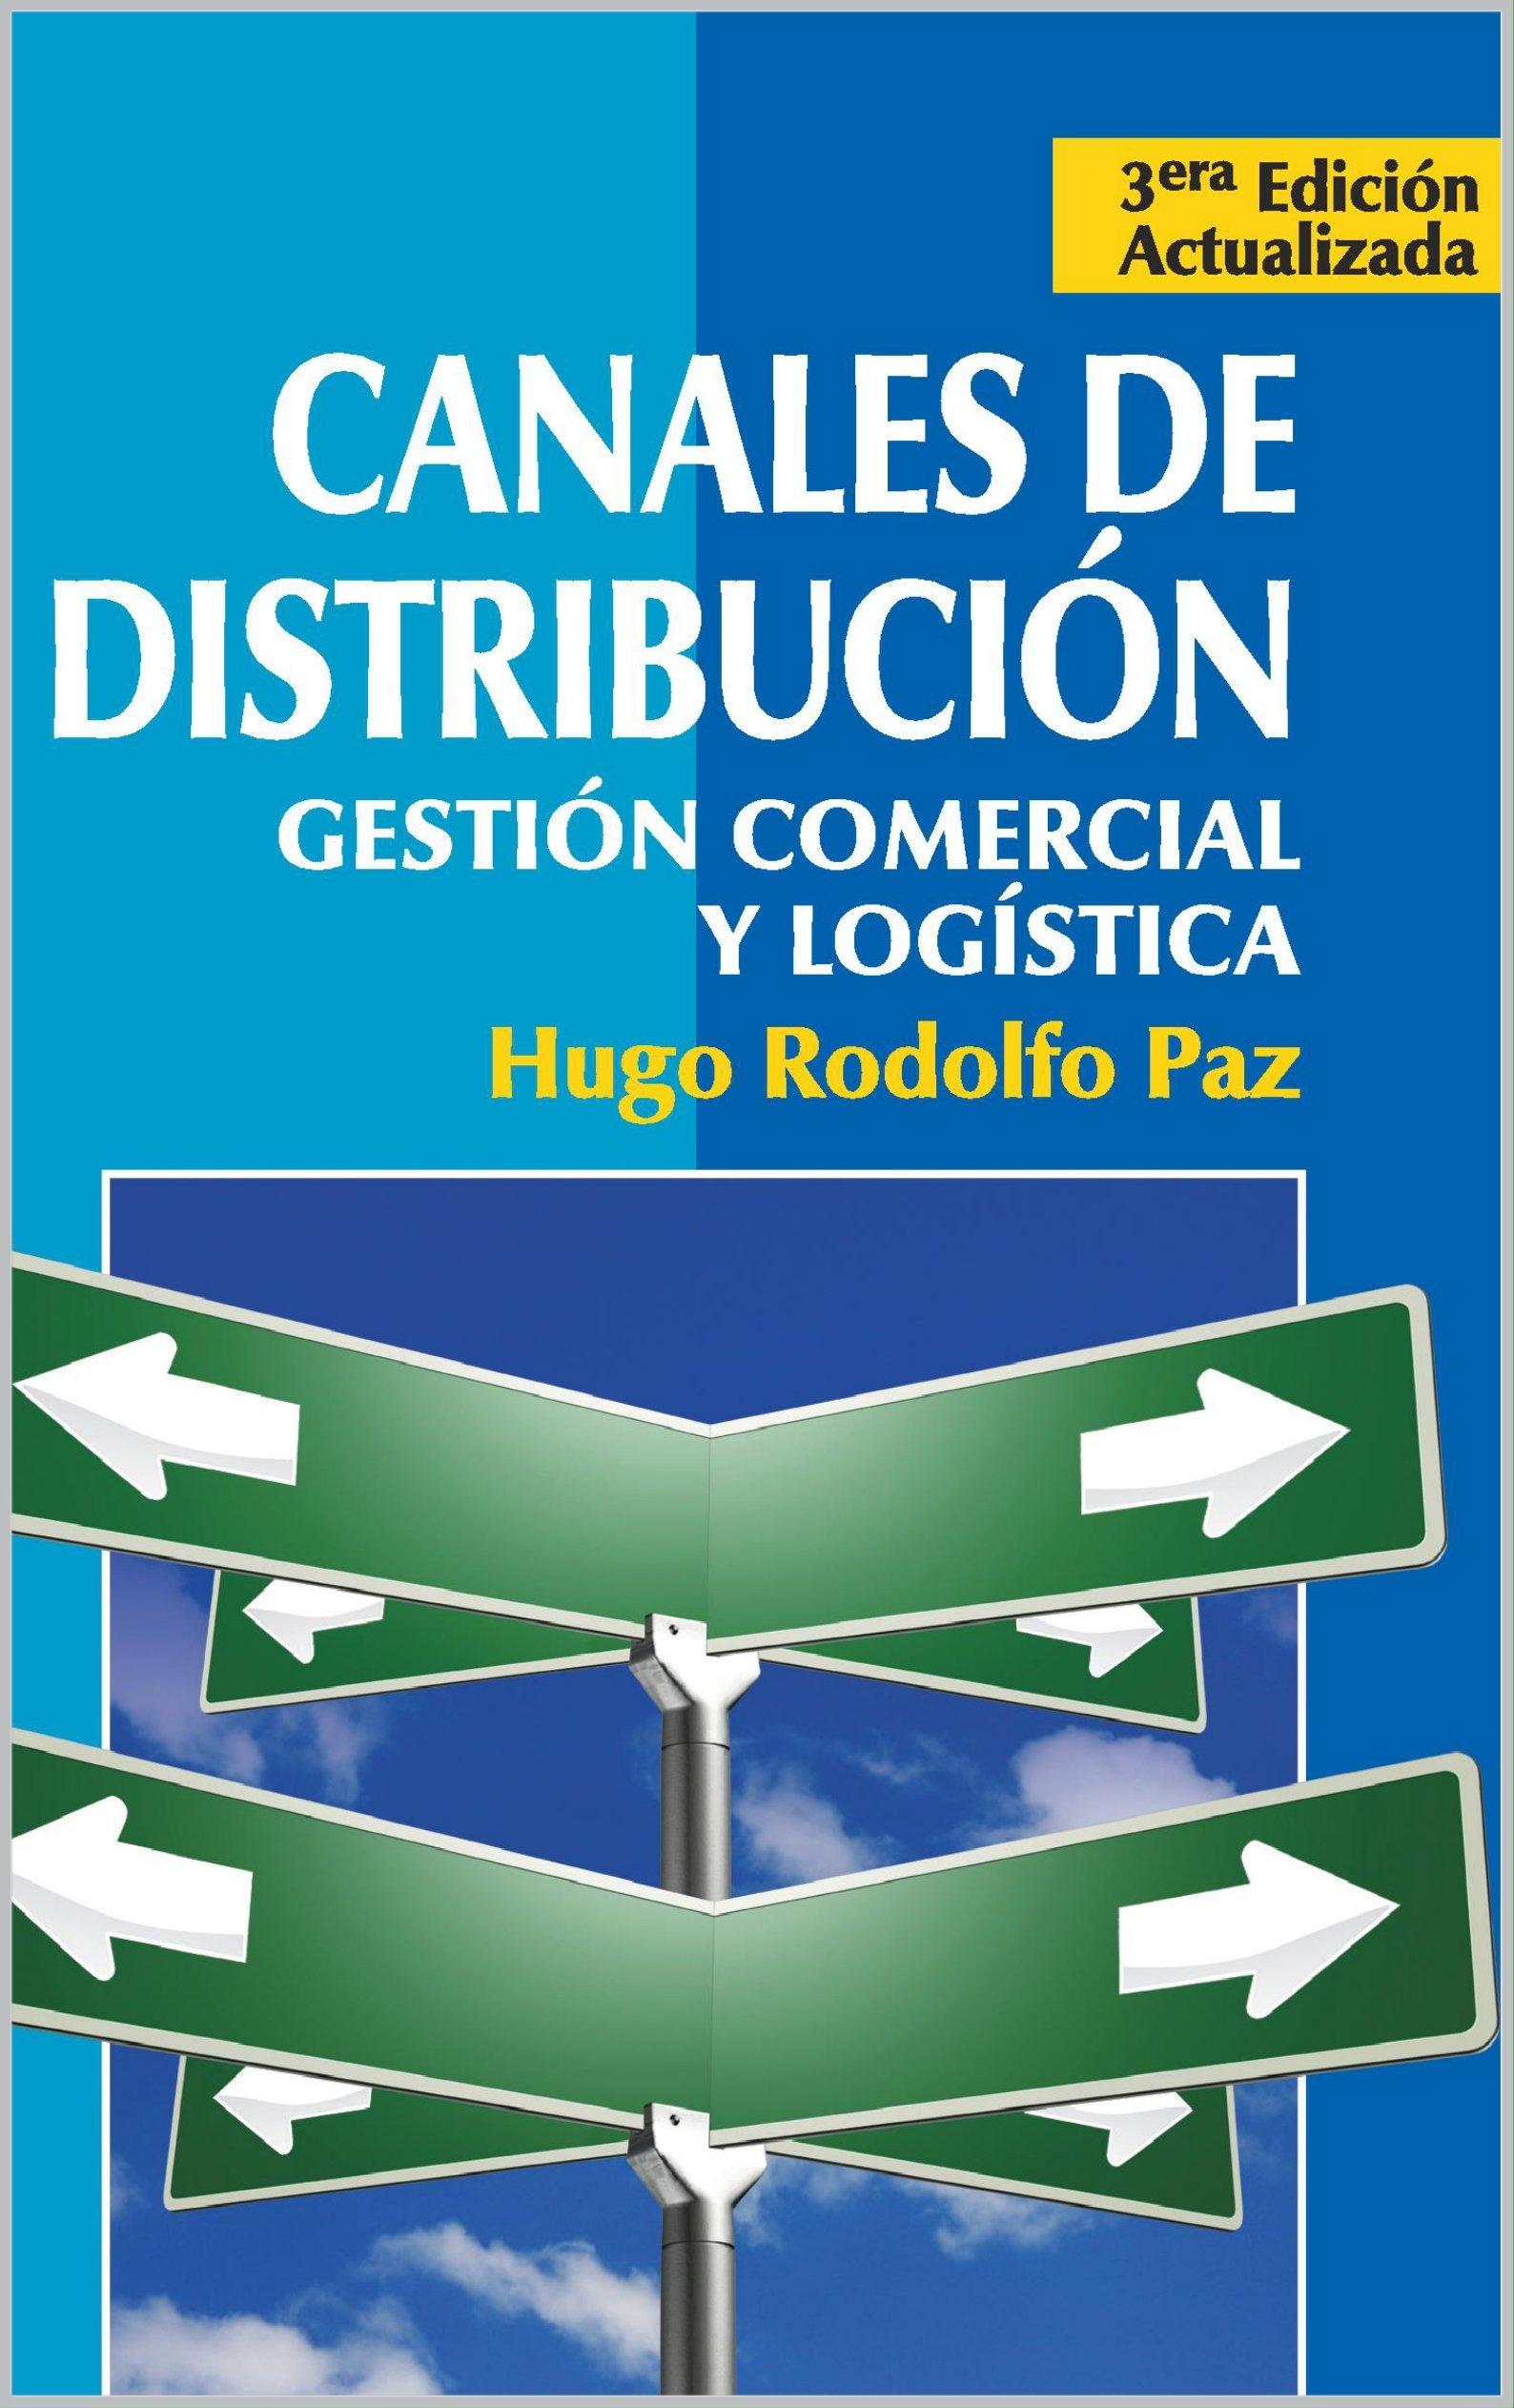 CANALES DE DISTRIBUCION: Gestión Comercial y Logística. (Spanish Edition)